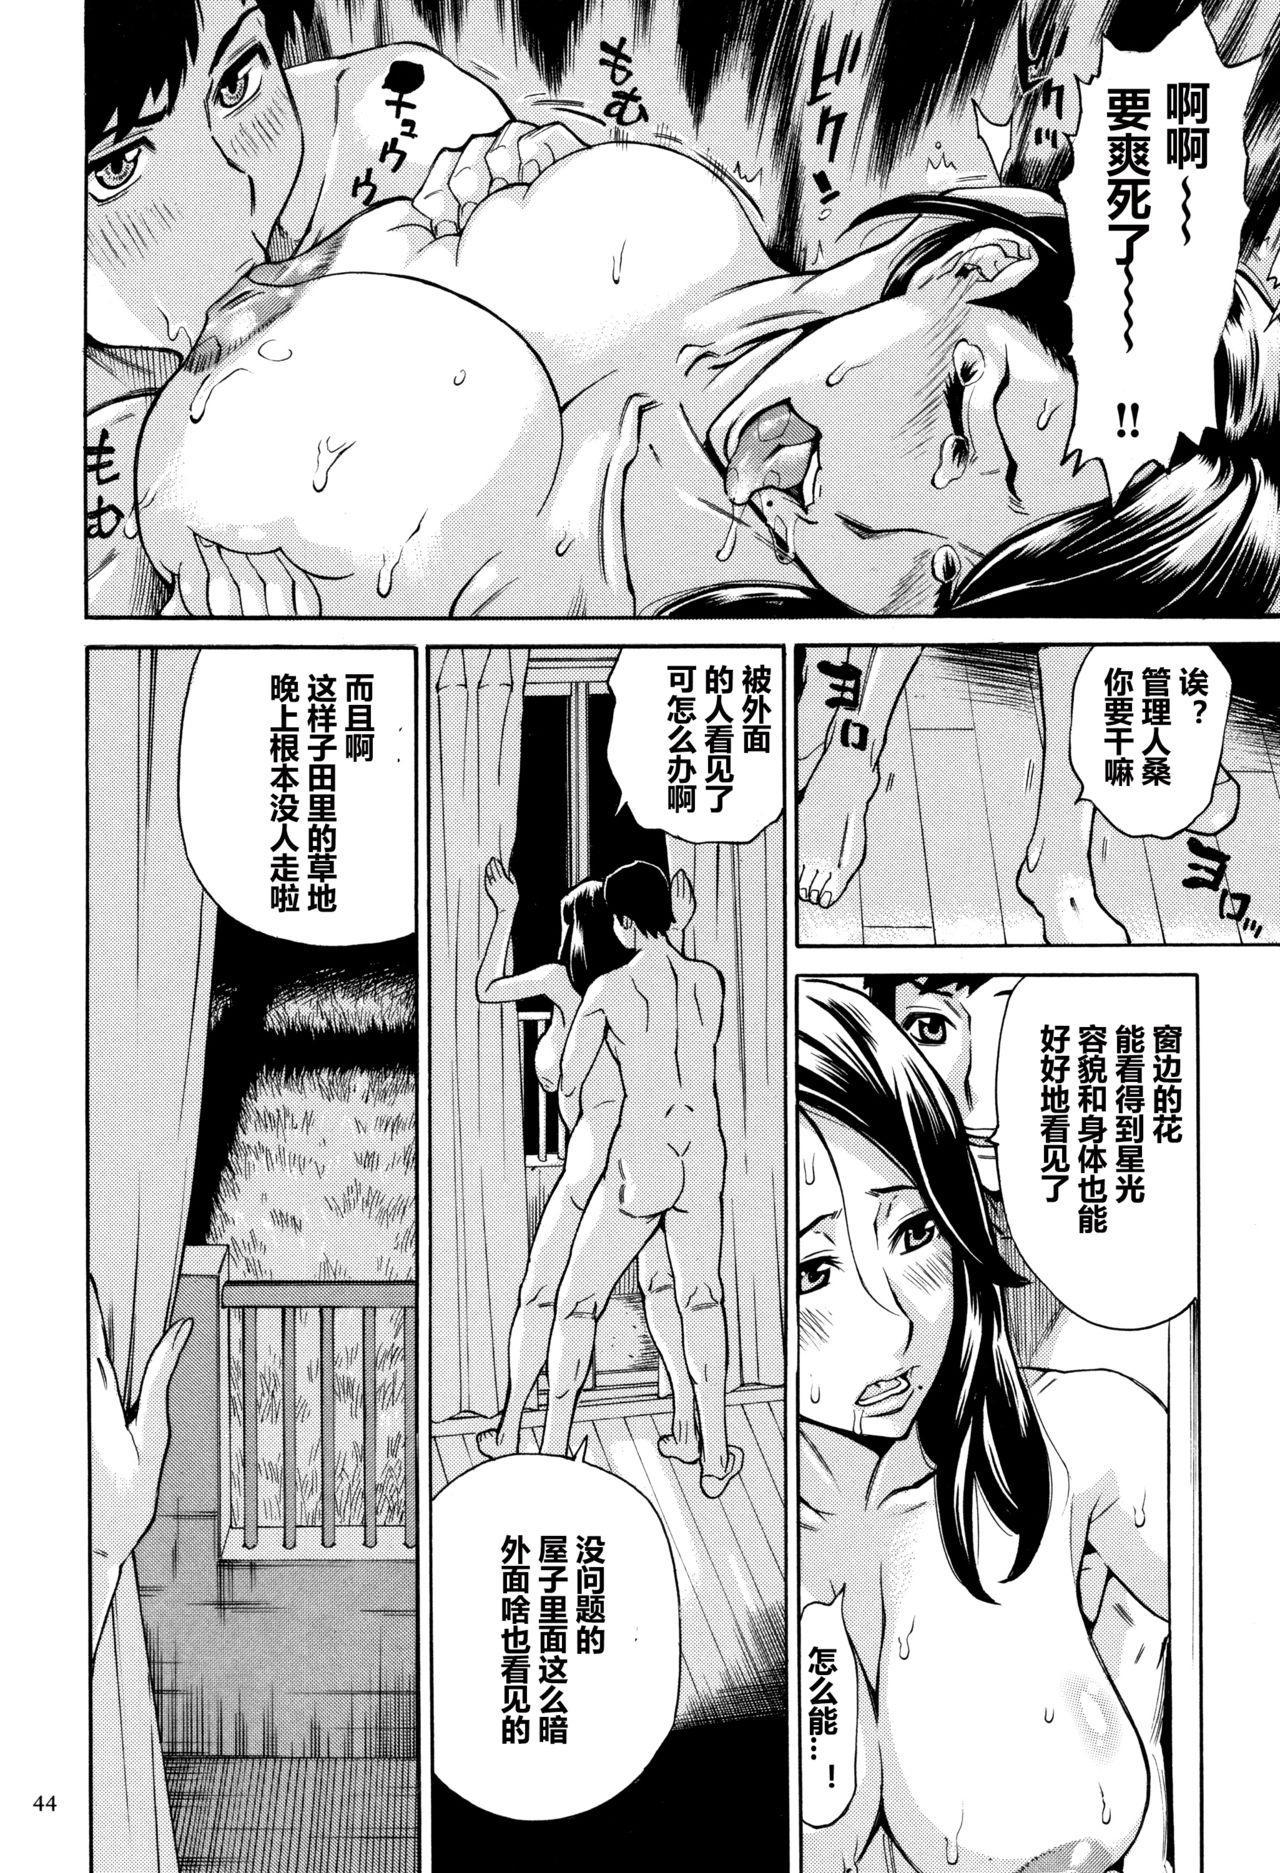 Oba-san dakedo, Daite Hoshii. 44